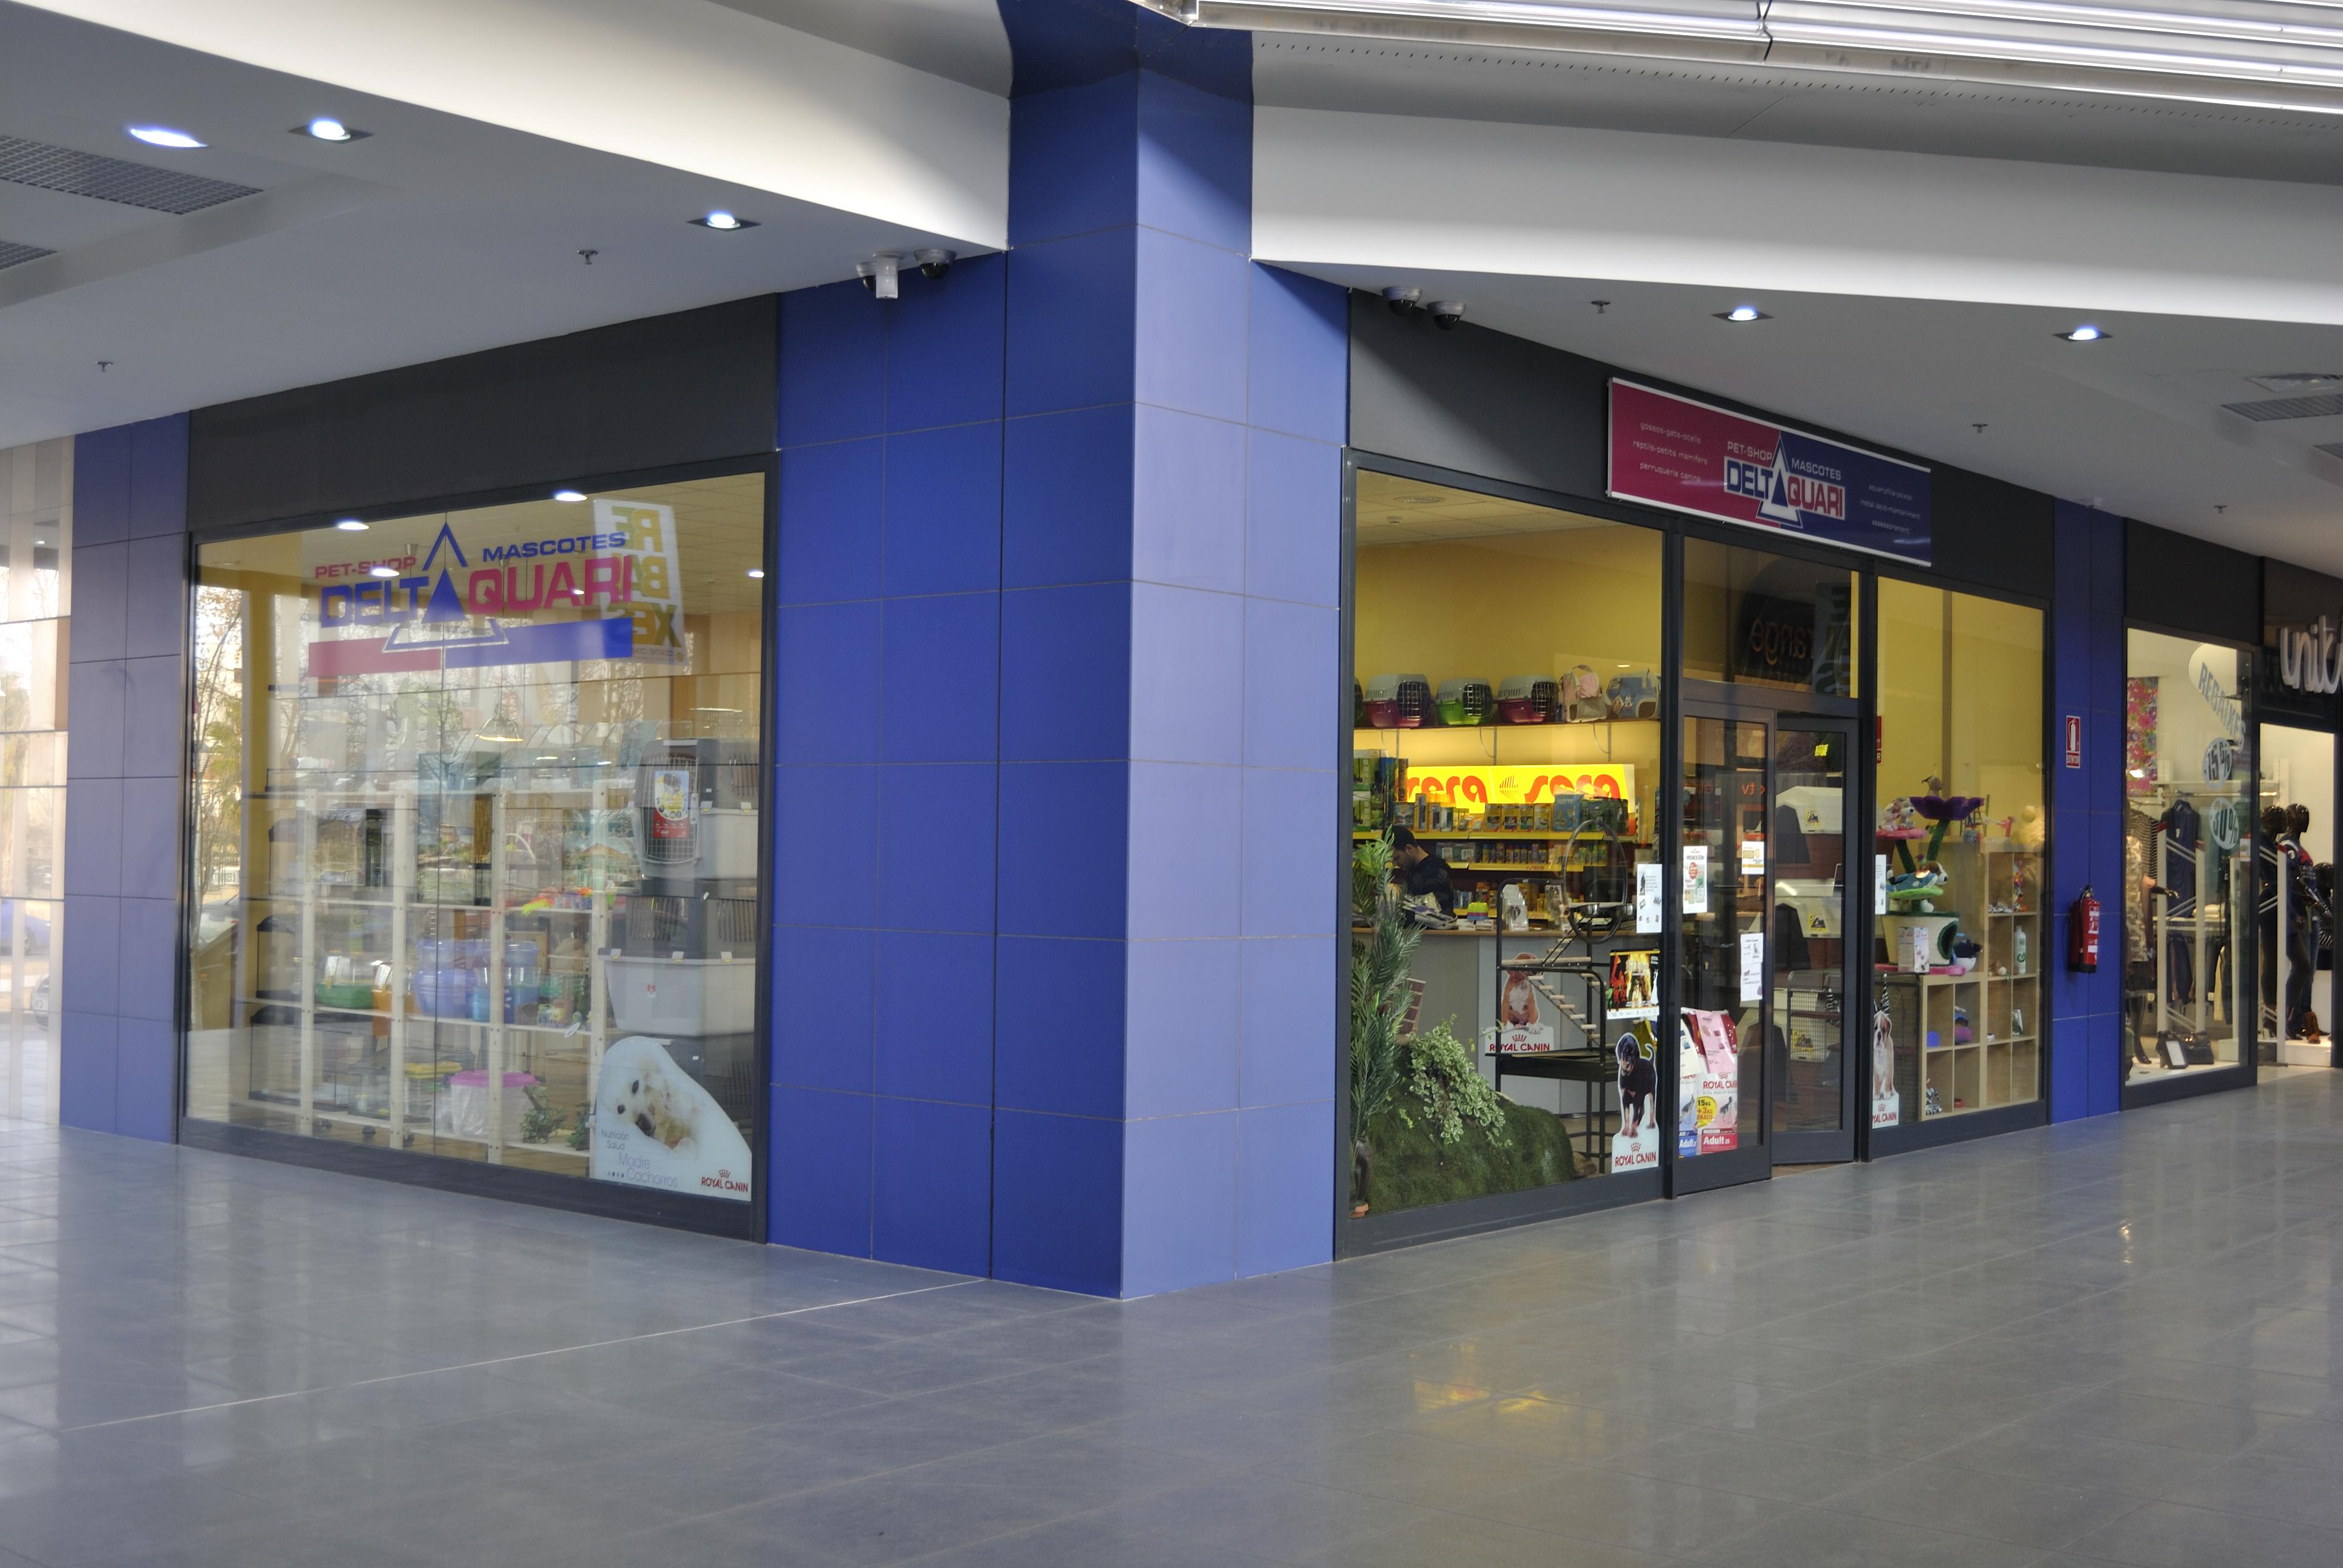 Contacto deltaquari - Galeria comercial ...